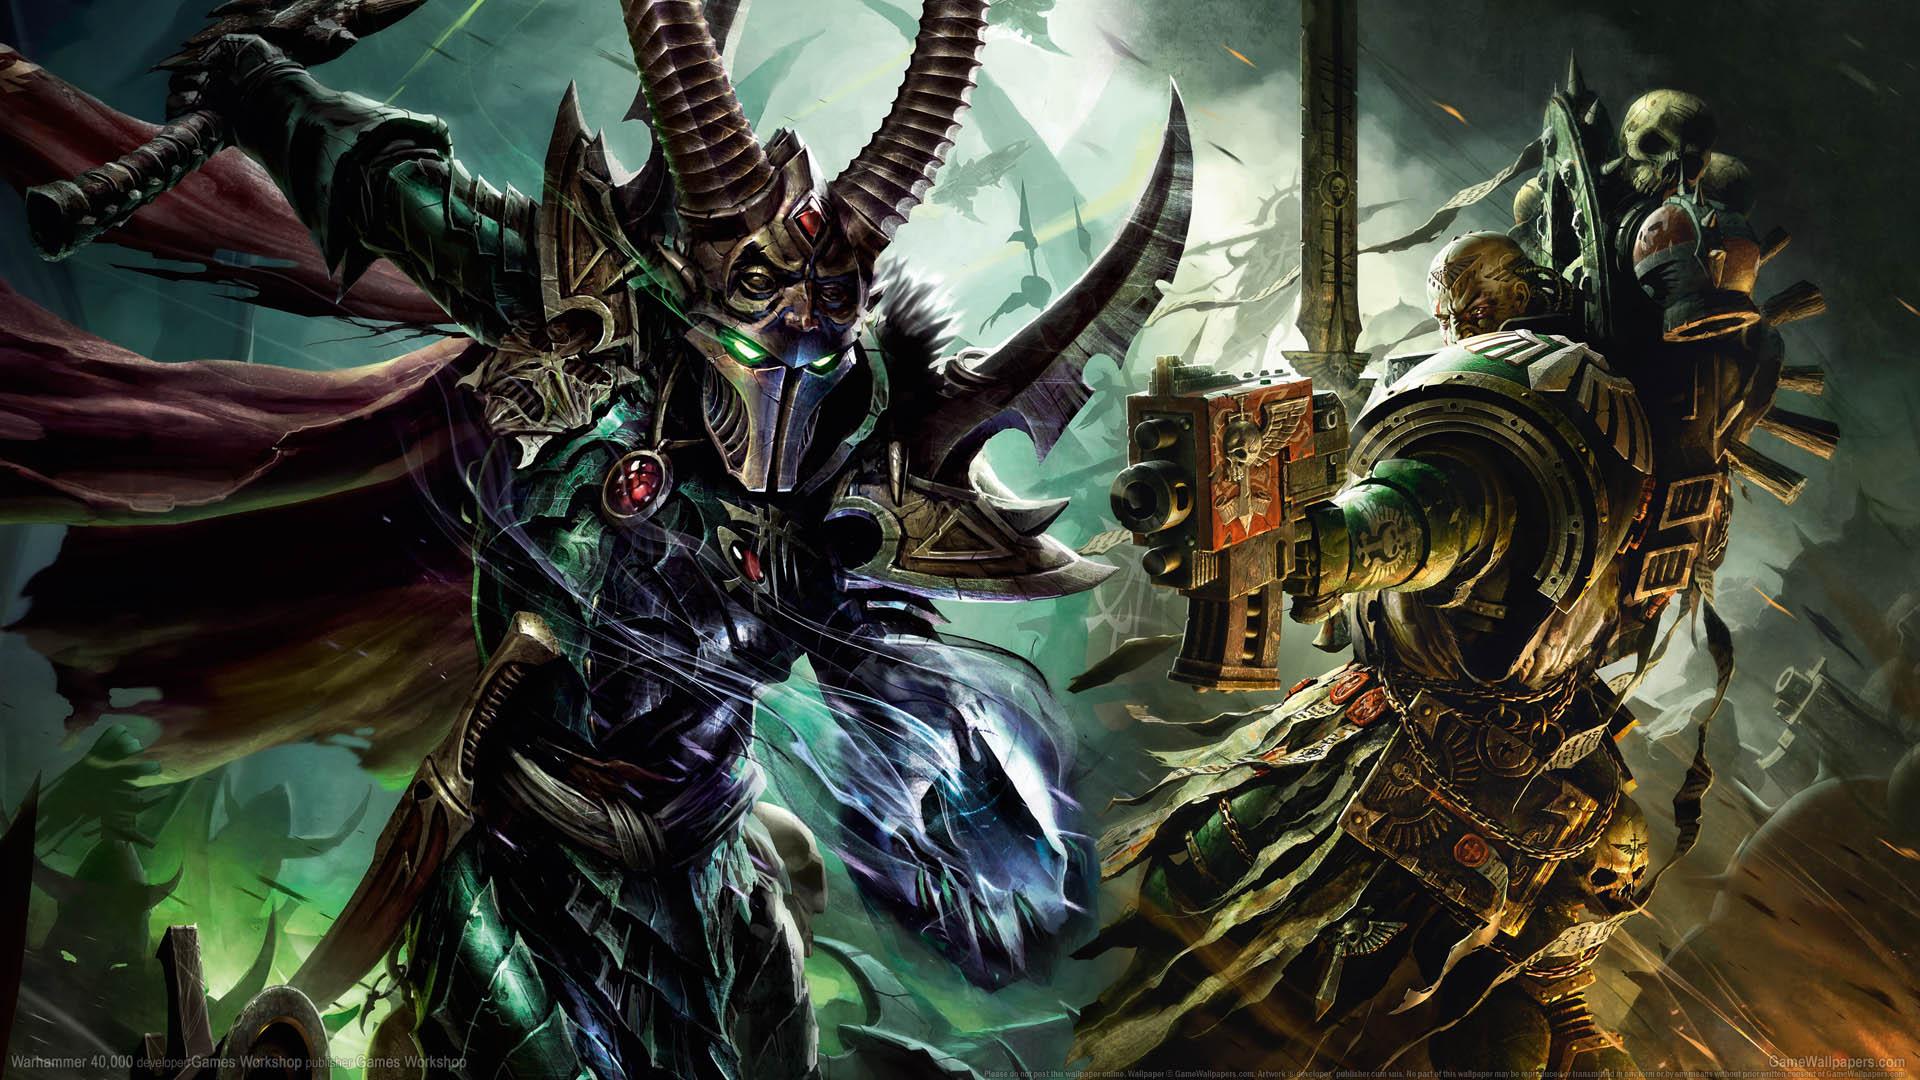 Warhammer 40,000 achtergrond 02 1920x1080